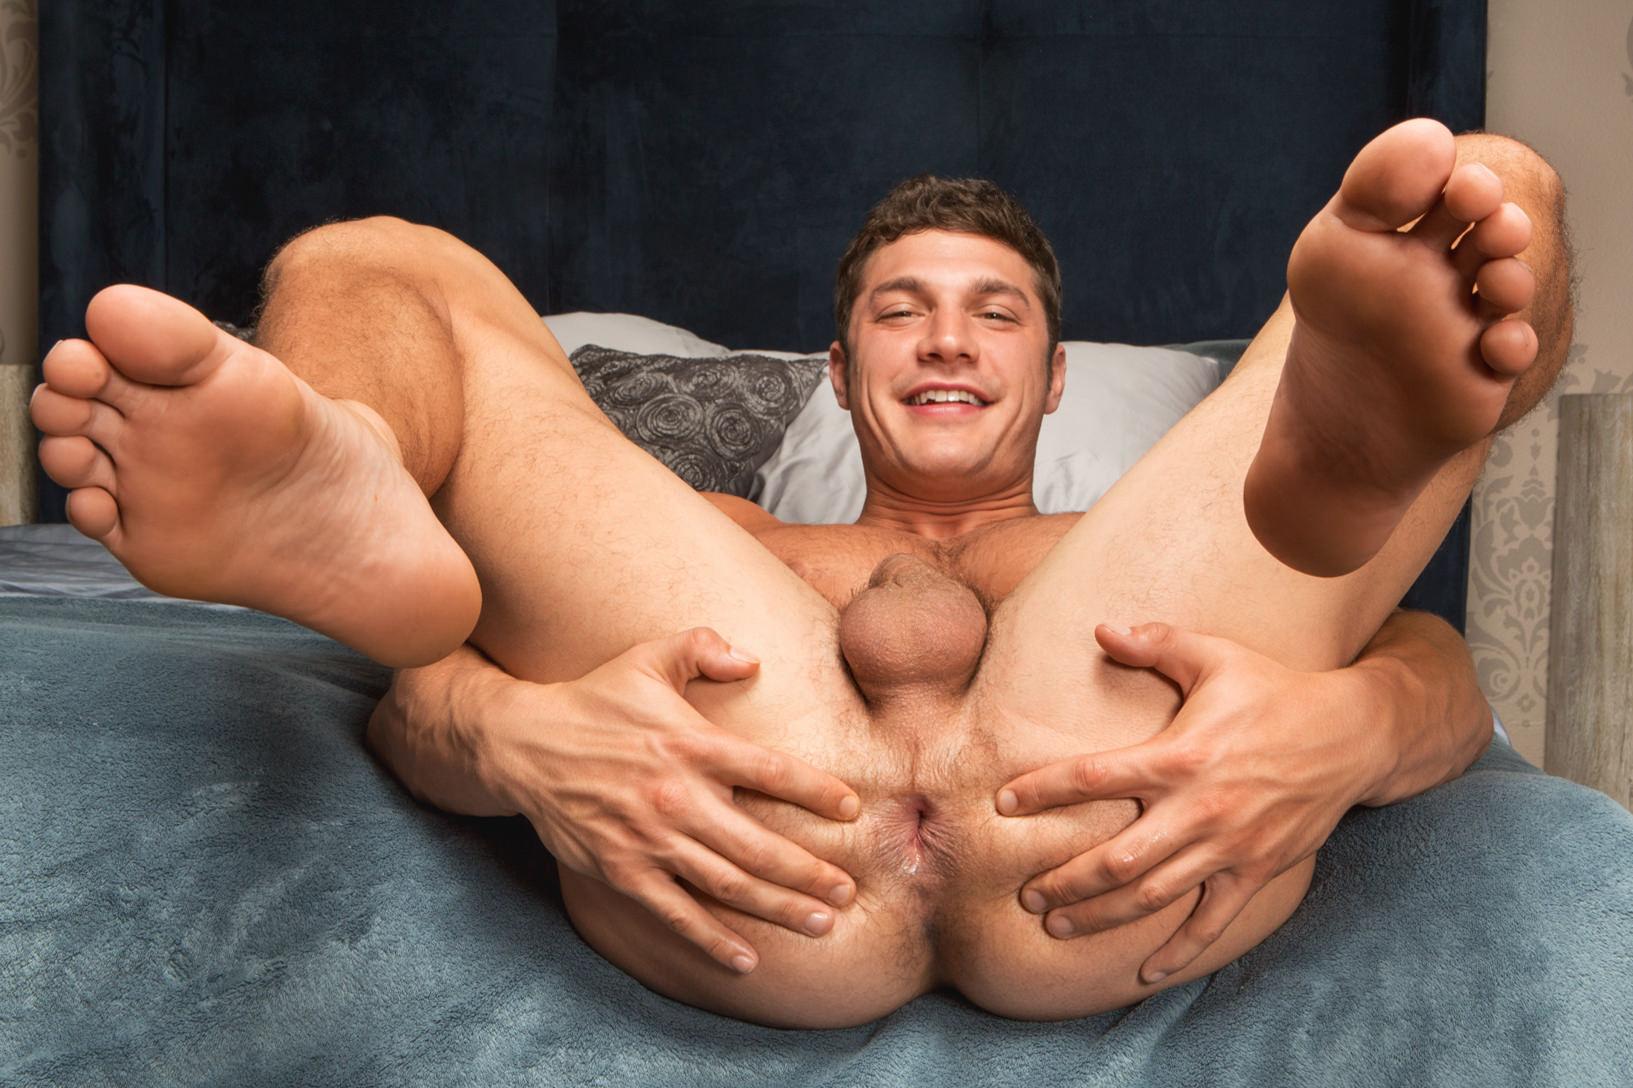 Brandon gay hot daddy dude men porn Sean Cody